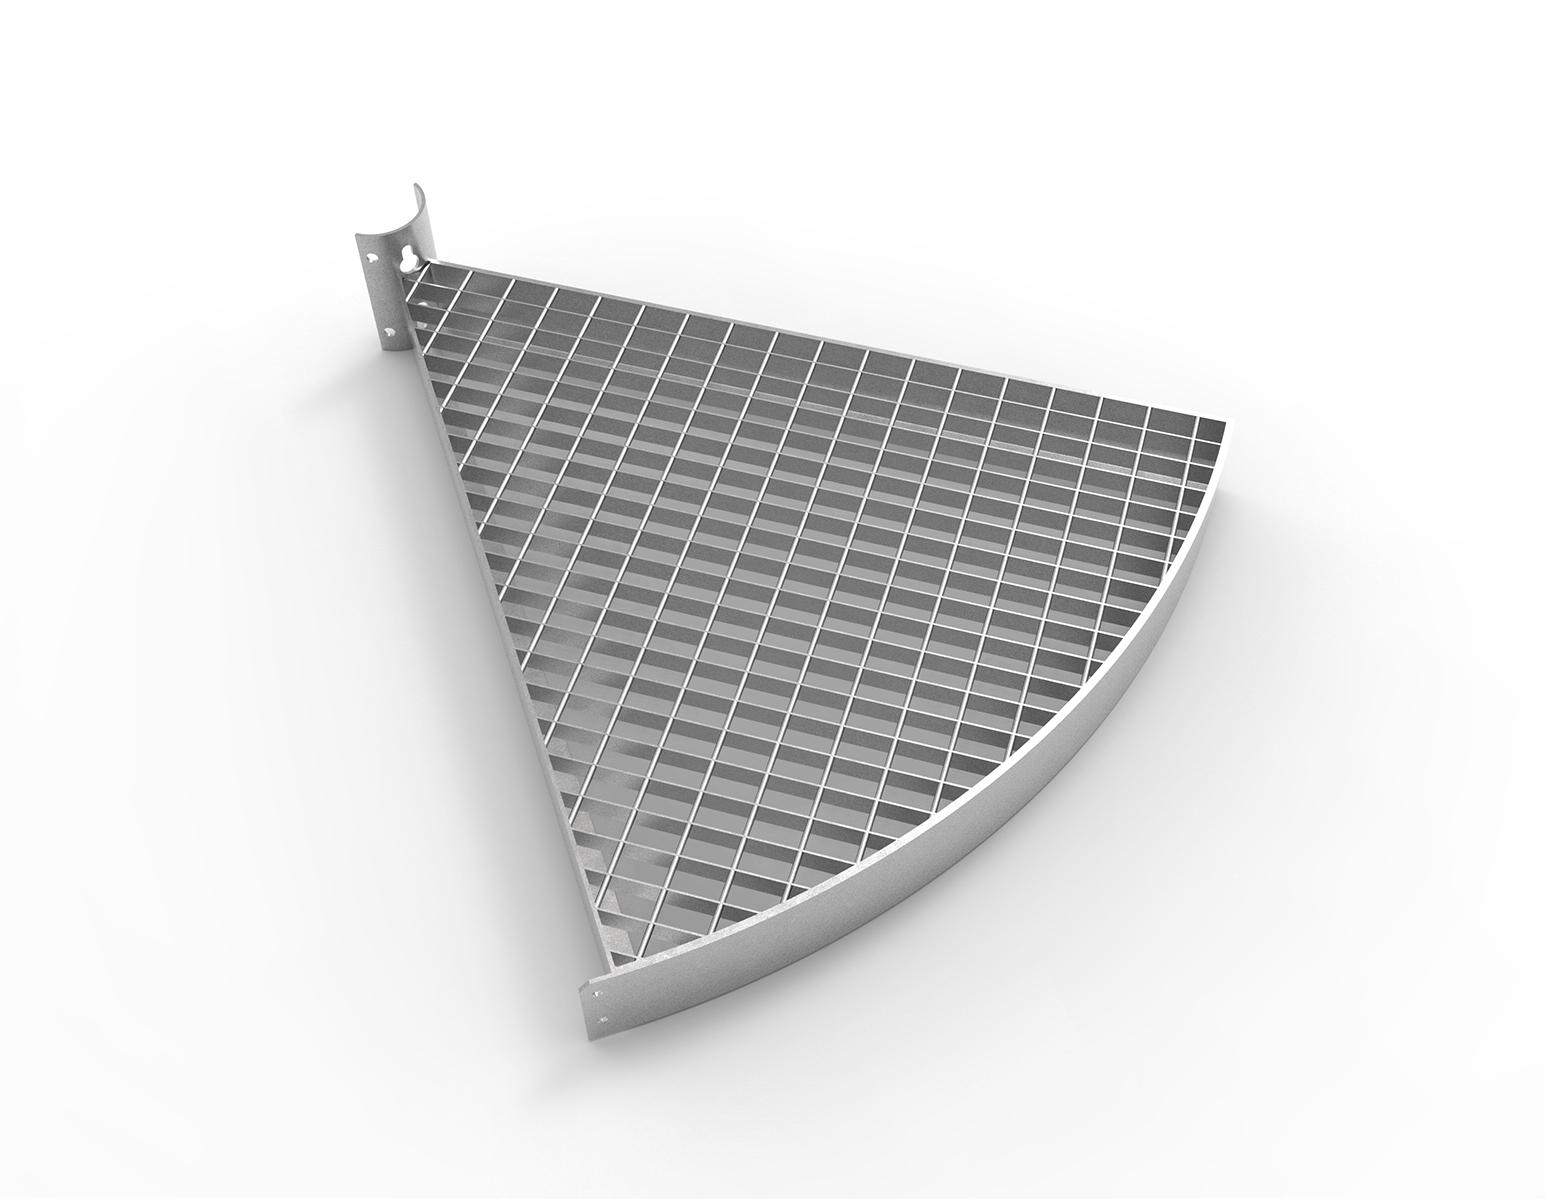 landings sprial staircase